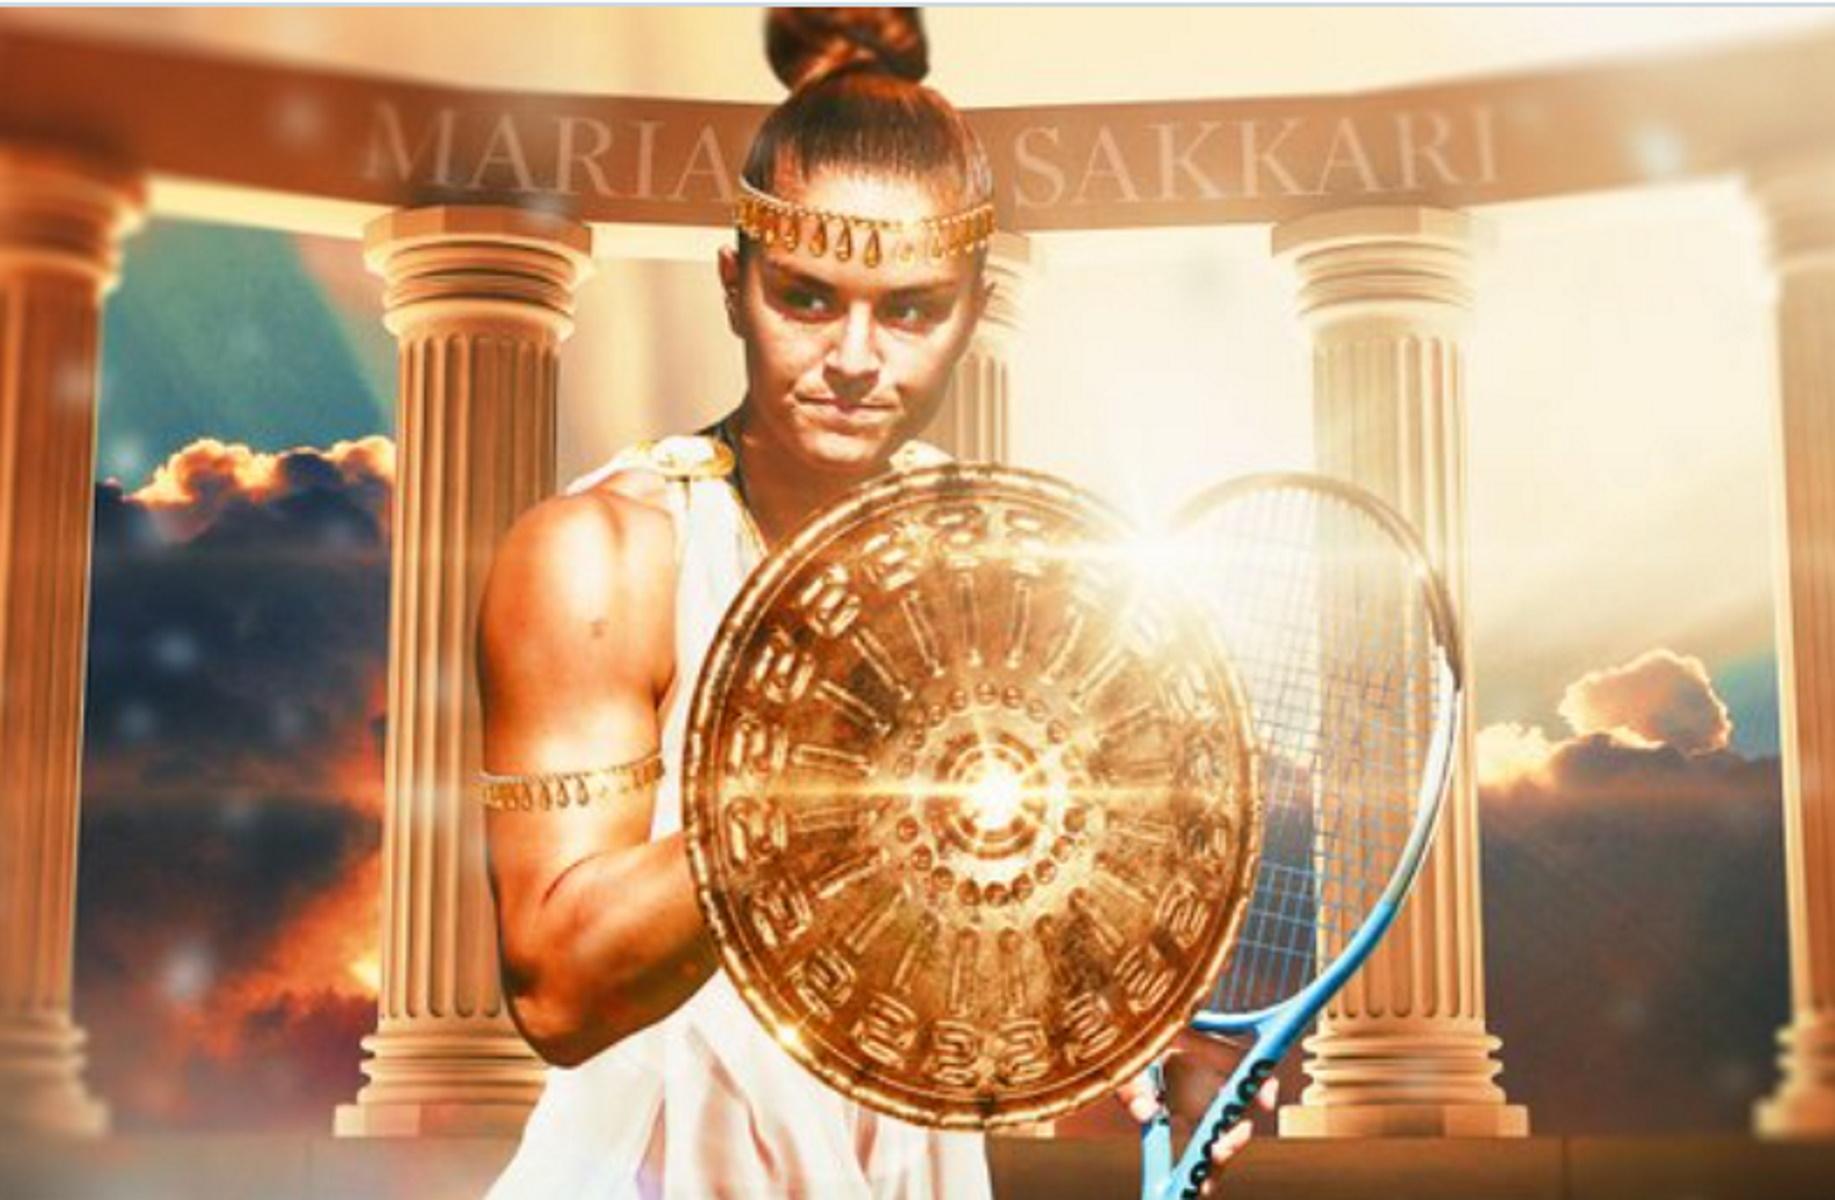 Το US Open «υποκλίνεται» στην Μαρία Σάκκαρη – Η Ελληνίδα πολεμίστρια και η «μάχη για τους αιώνες»